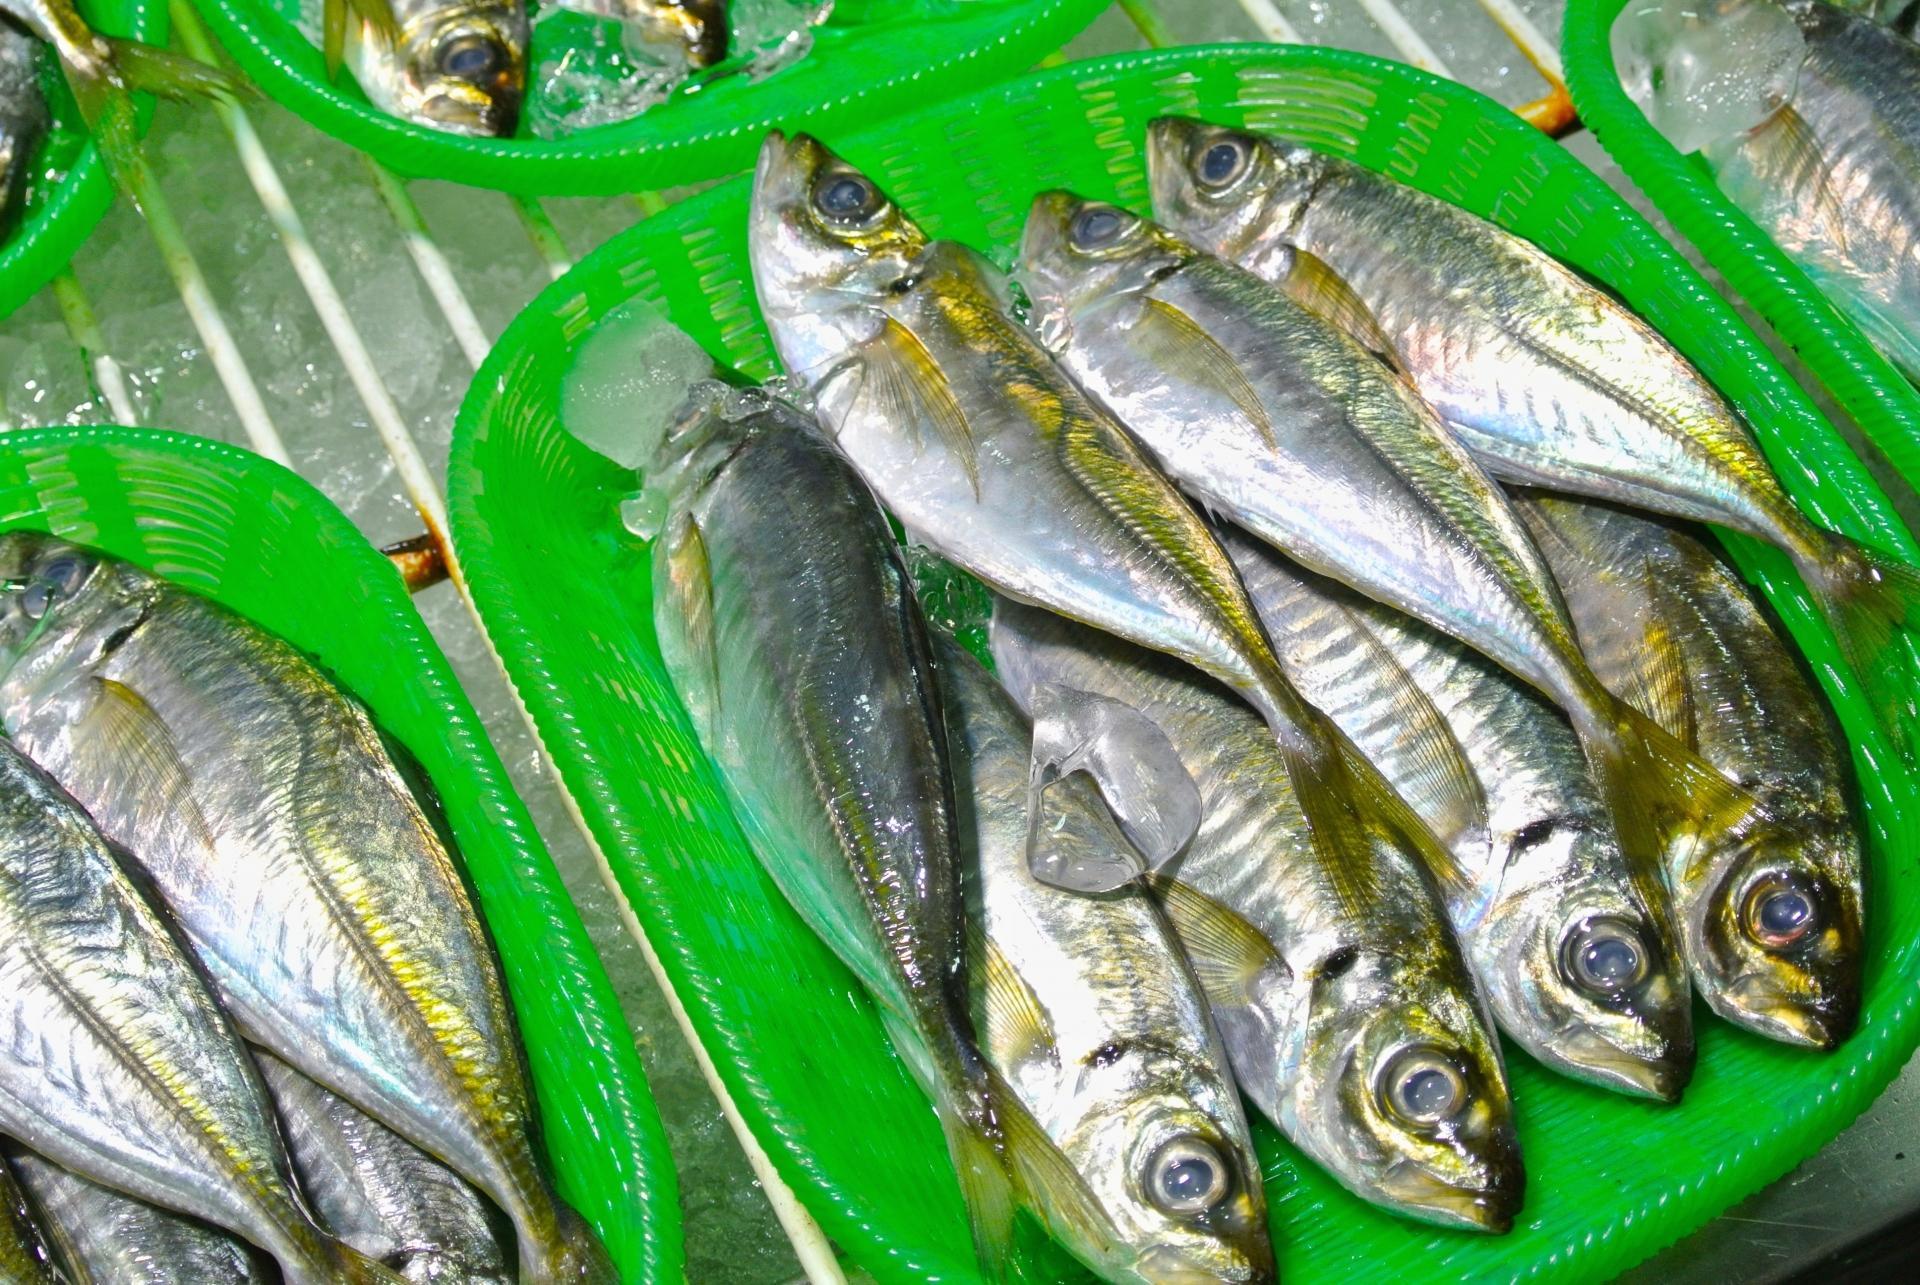 アジングの始め方|釣り方やおすすめのタックル・仕掛けを解説!